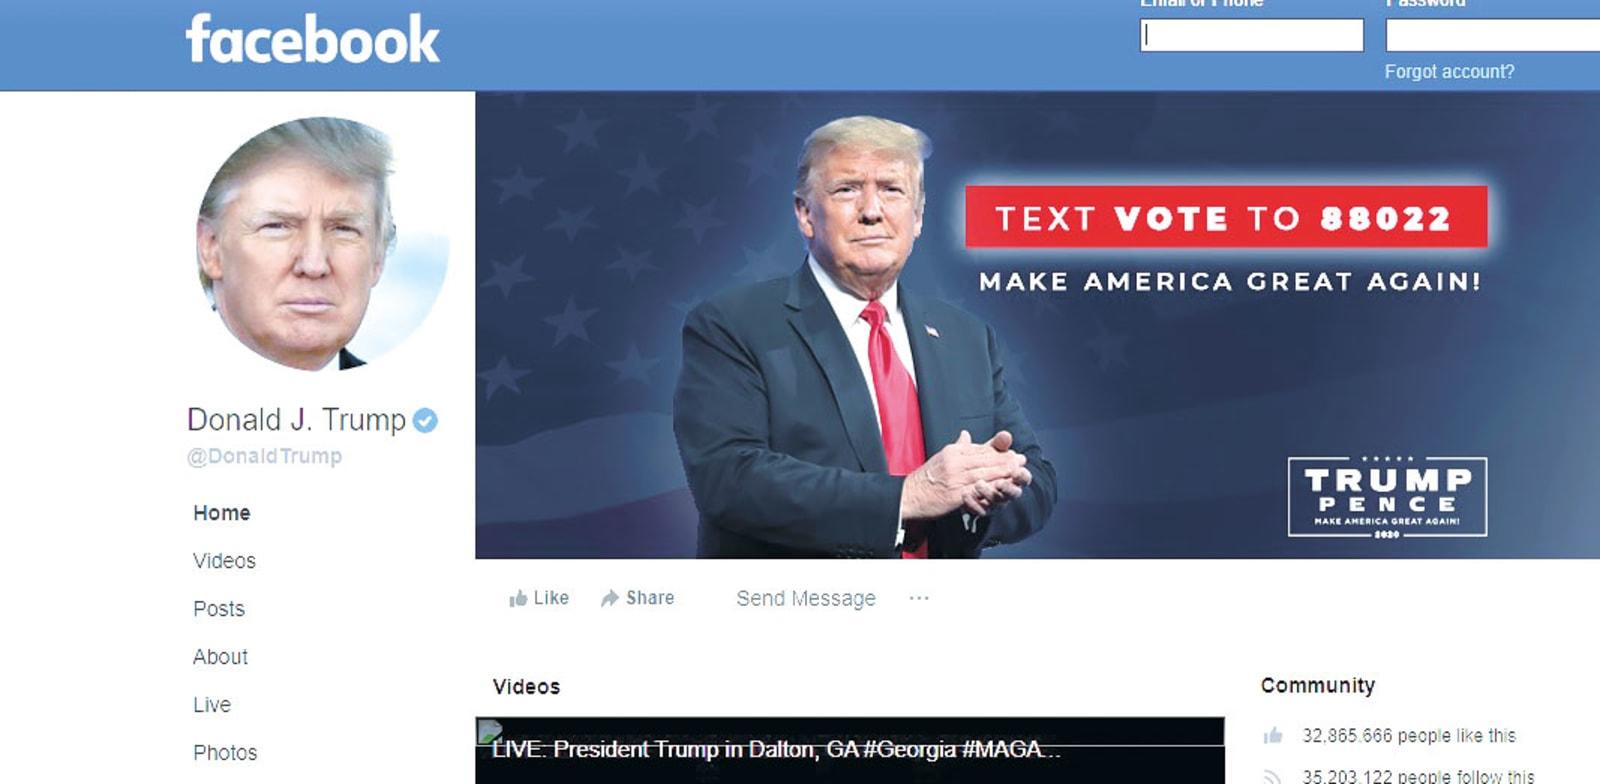 עמוד הפייסבוק של דונלד טראמפ. נחסם לאחר ההסתערות על גבעת הקפיטול / צילום: צילום מסך